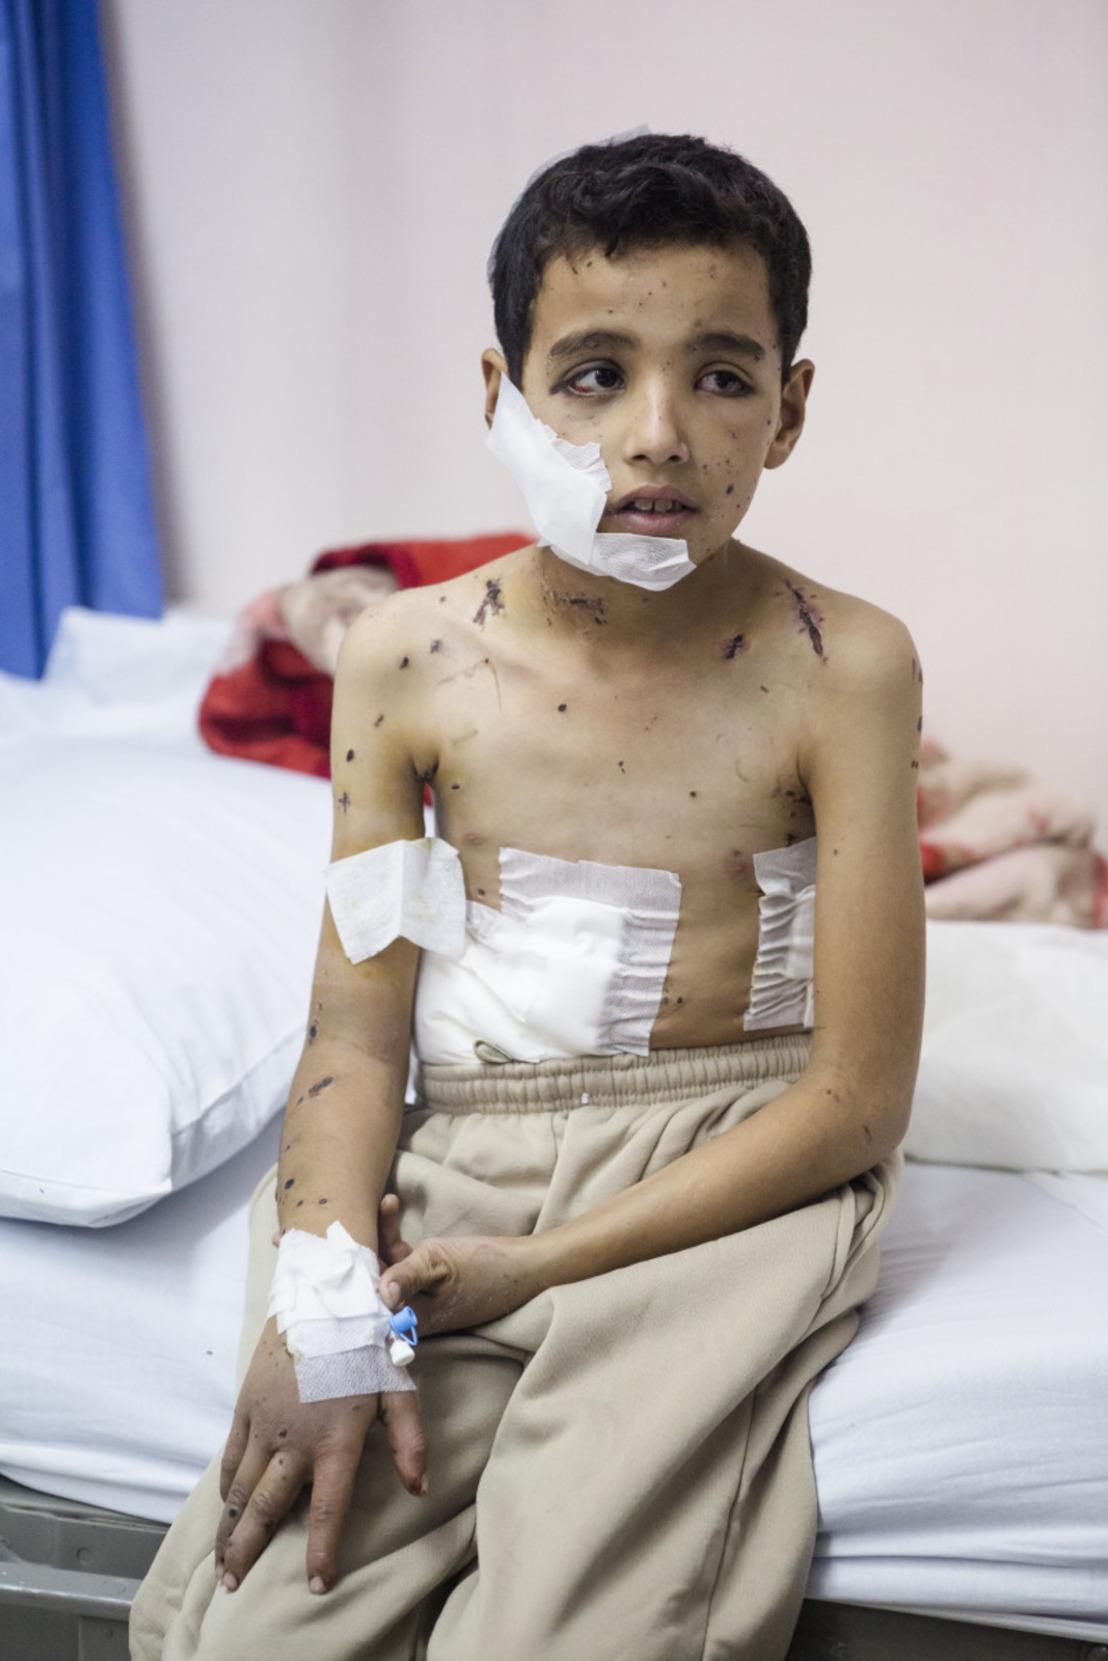 7 jaar conflict in Syrië: een aanval elke 15 minuten